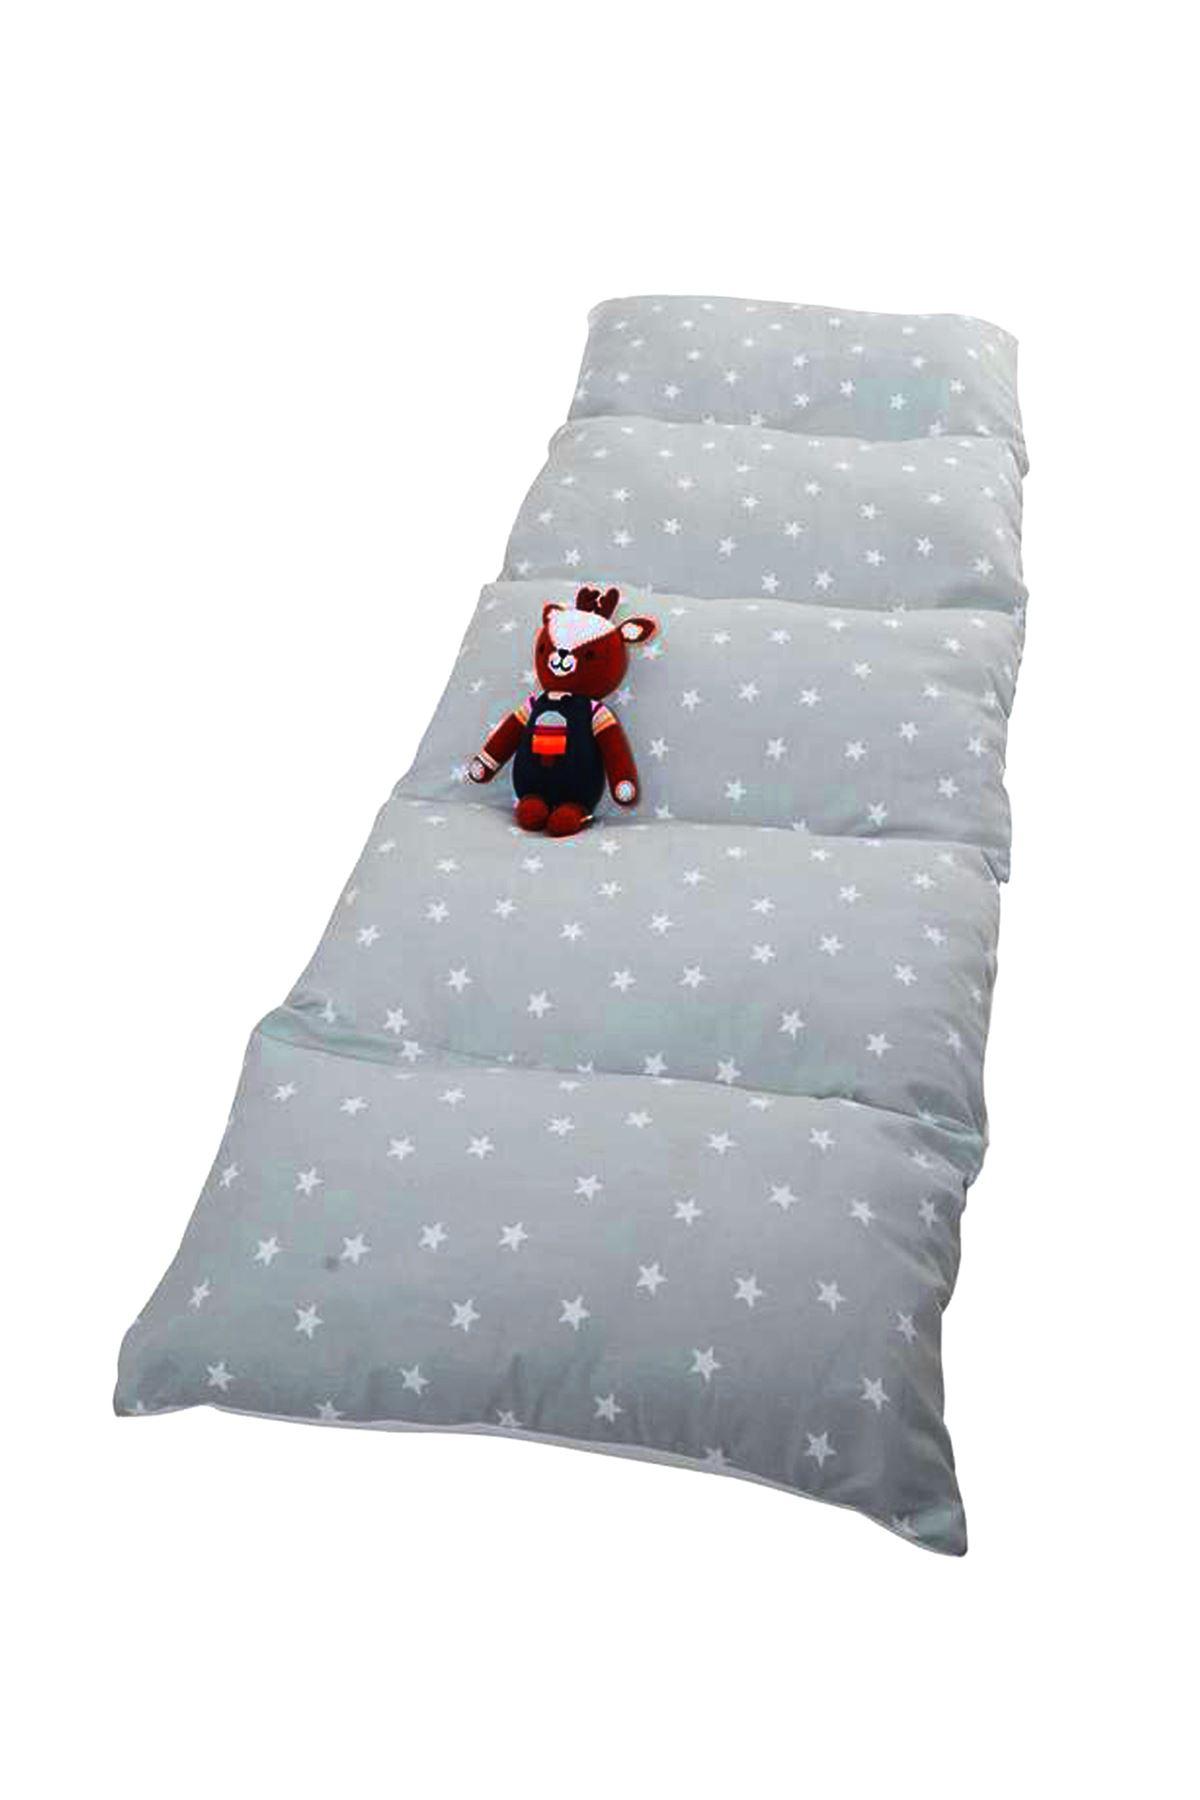 Gri Bundera Puf Katlanabilir Yer Minderi Yastık Çocuk Bebek Yer Yatağı